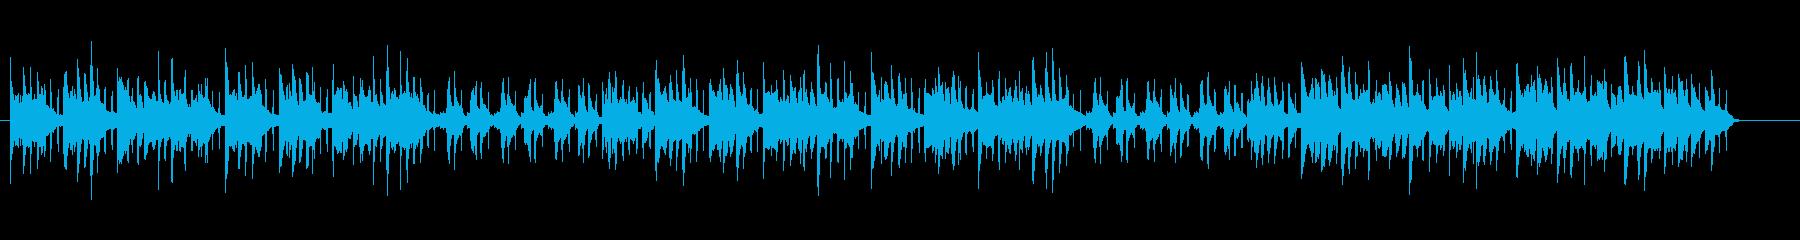 ほのぼの童謡風ポップス HS版ドラム無しの再生済みの波形